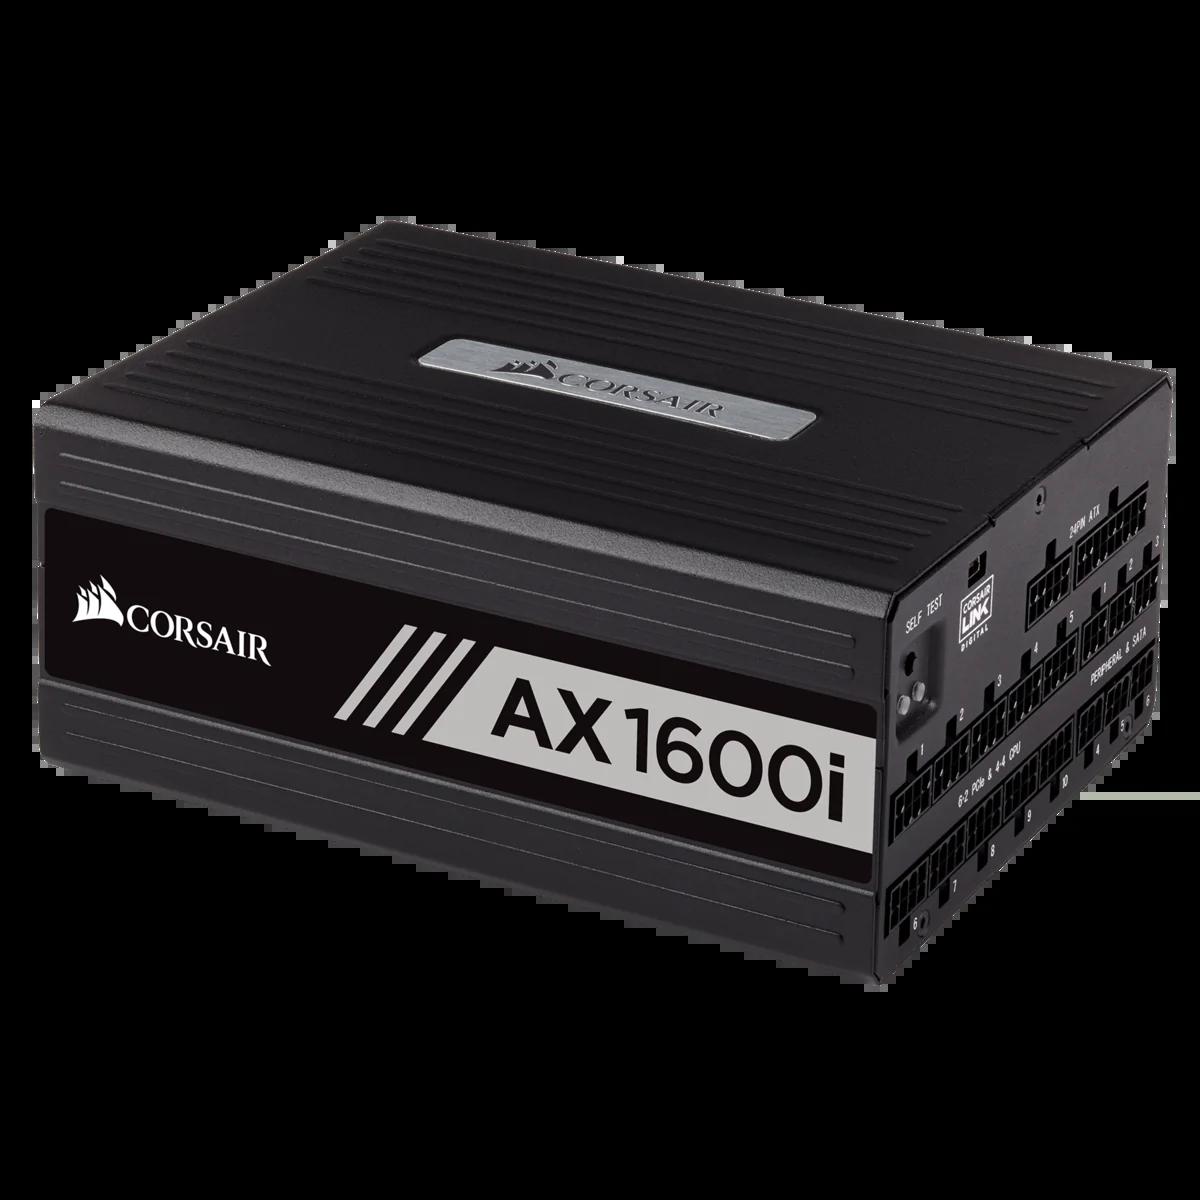 Corsair AXi Series AX1600i